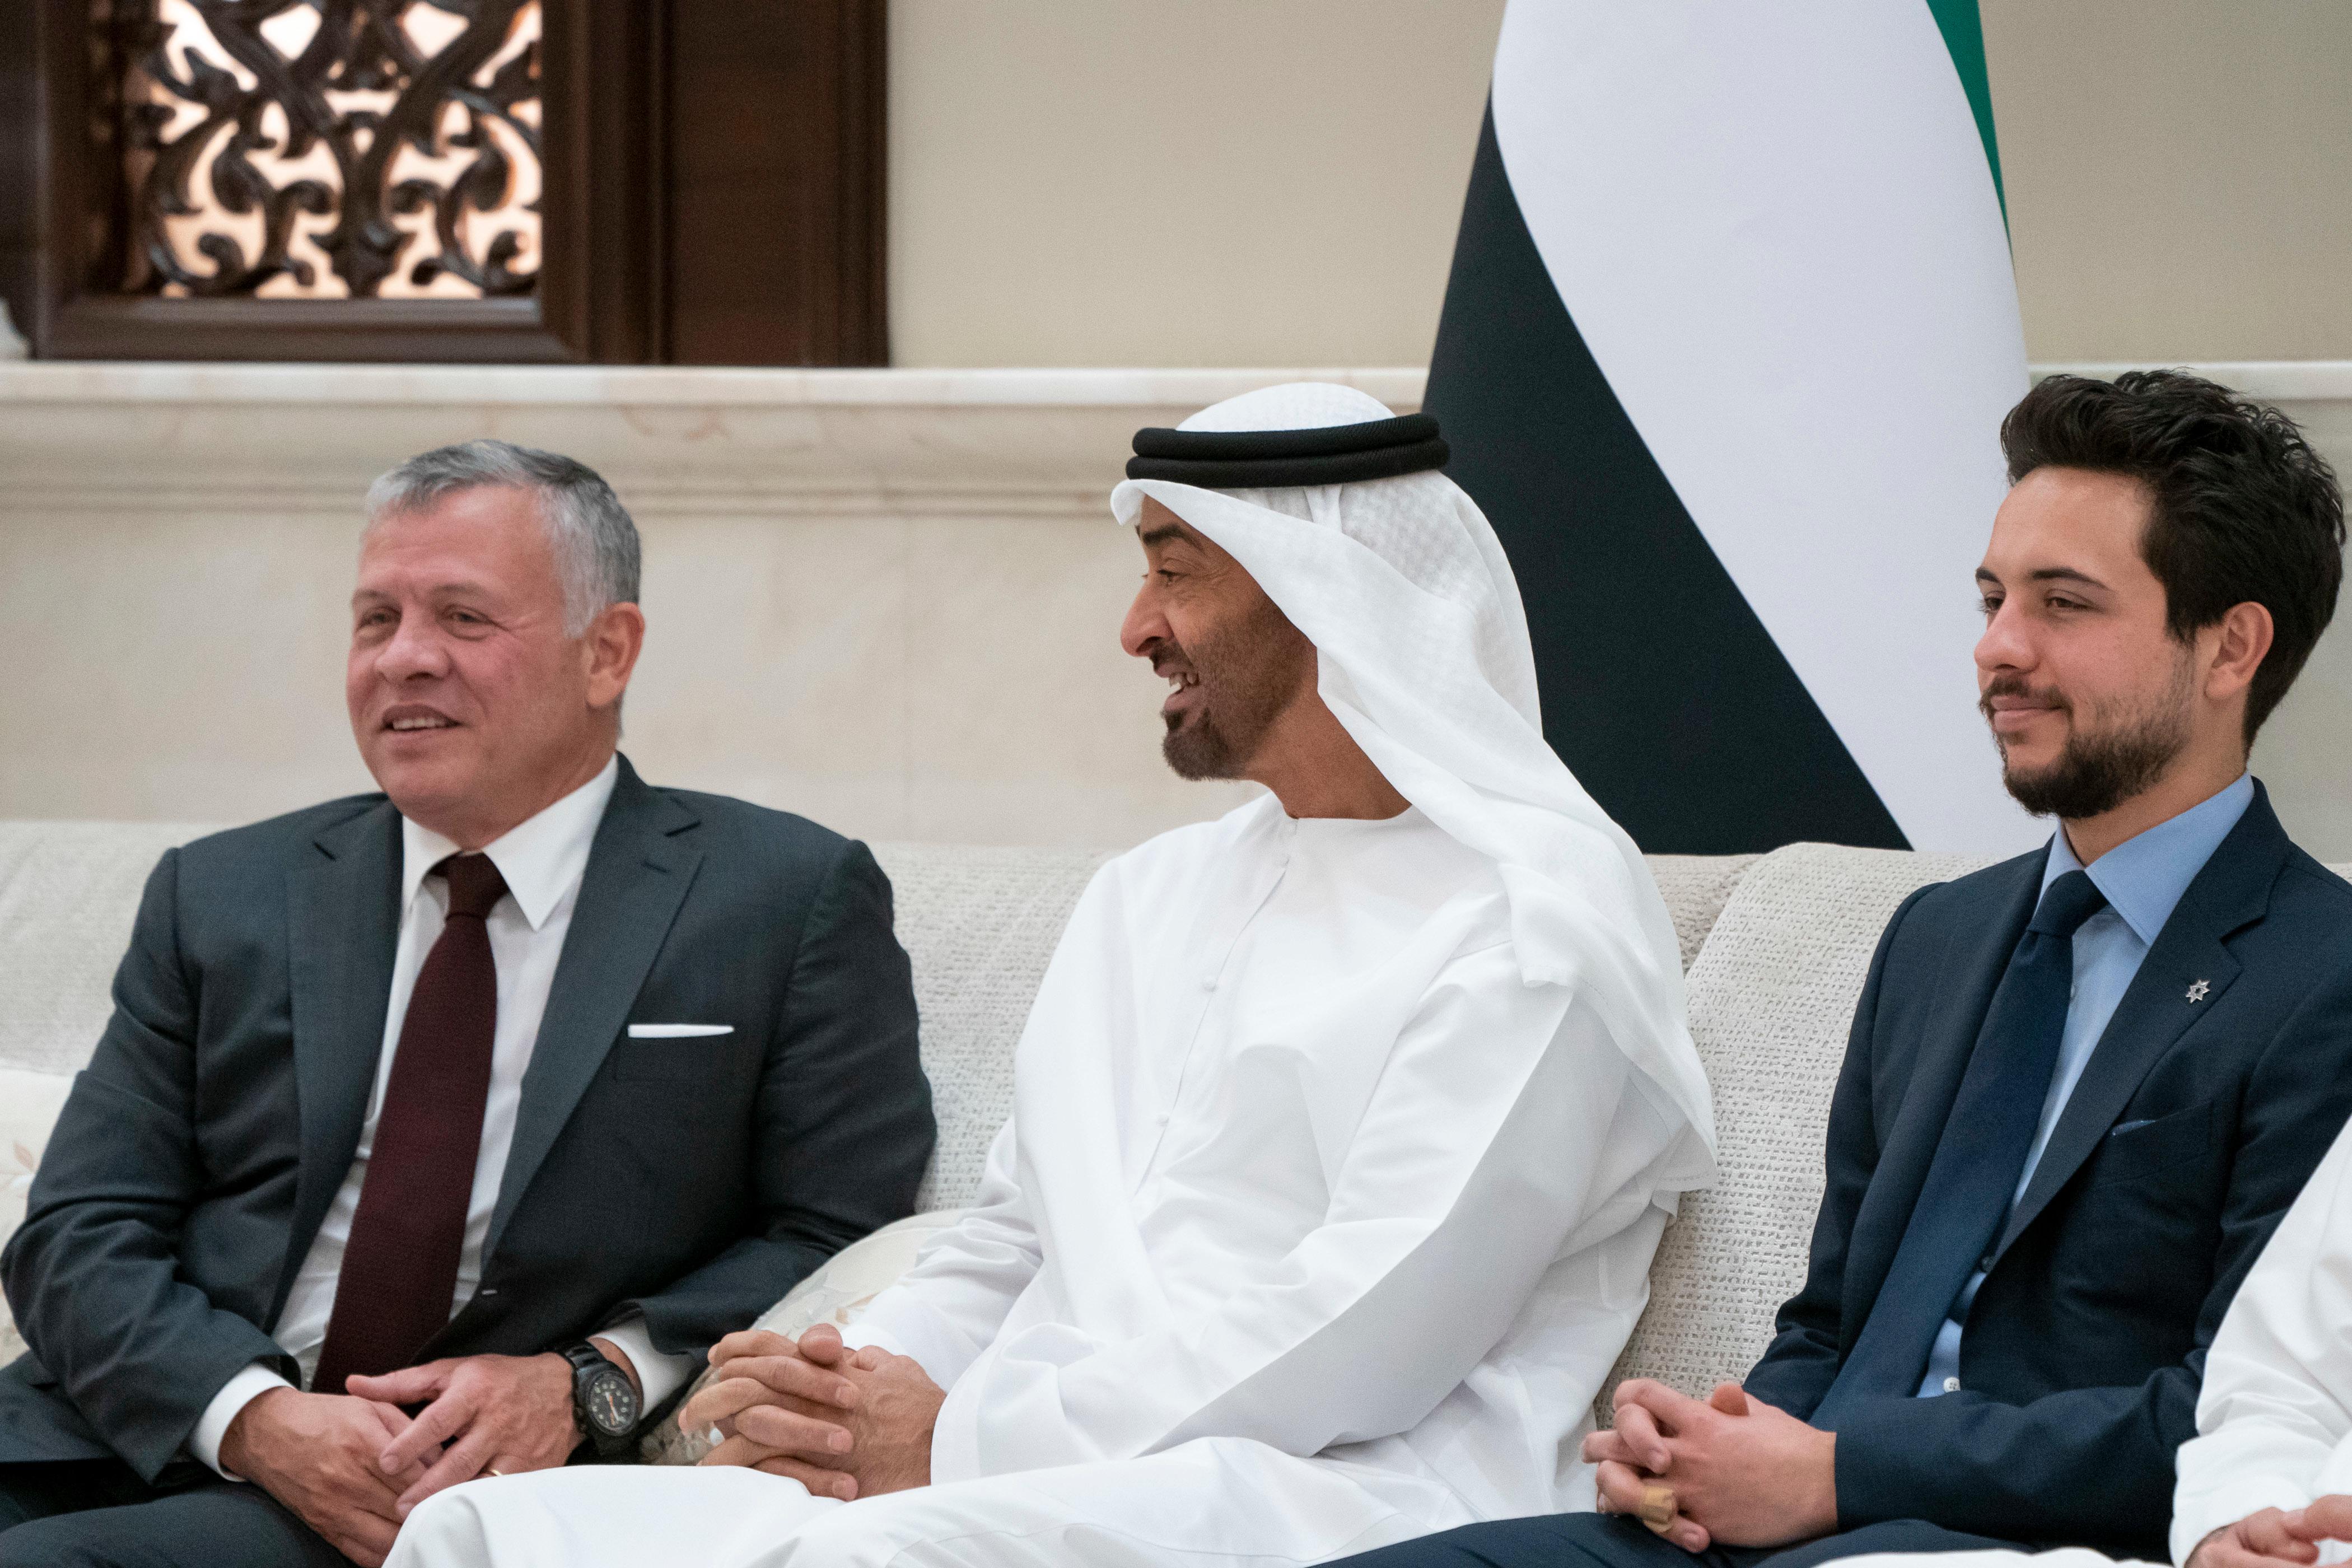 محمد بن زايد وملك الأردن يؤكدان متانة العلاقات التاريخية بين البلدين